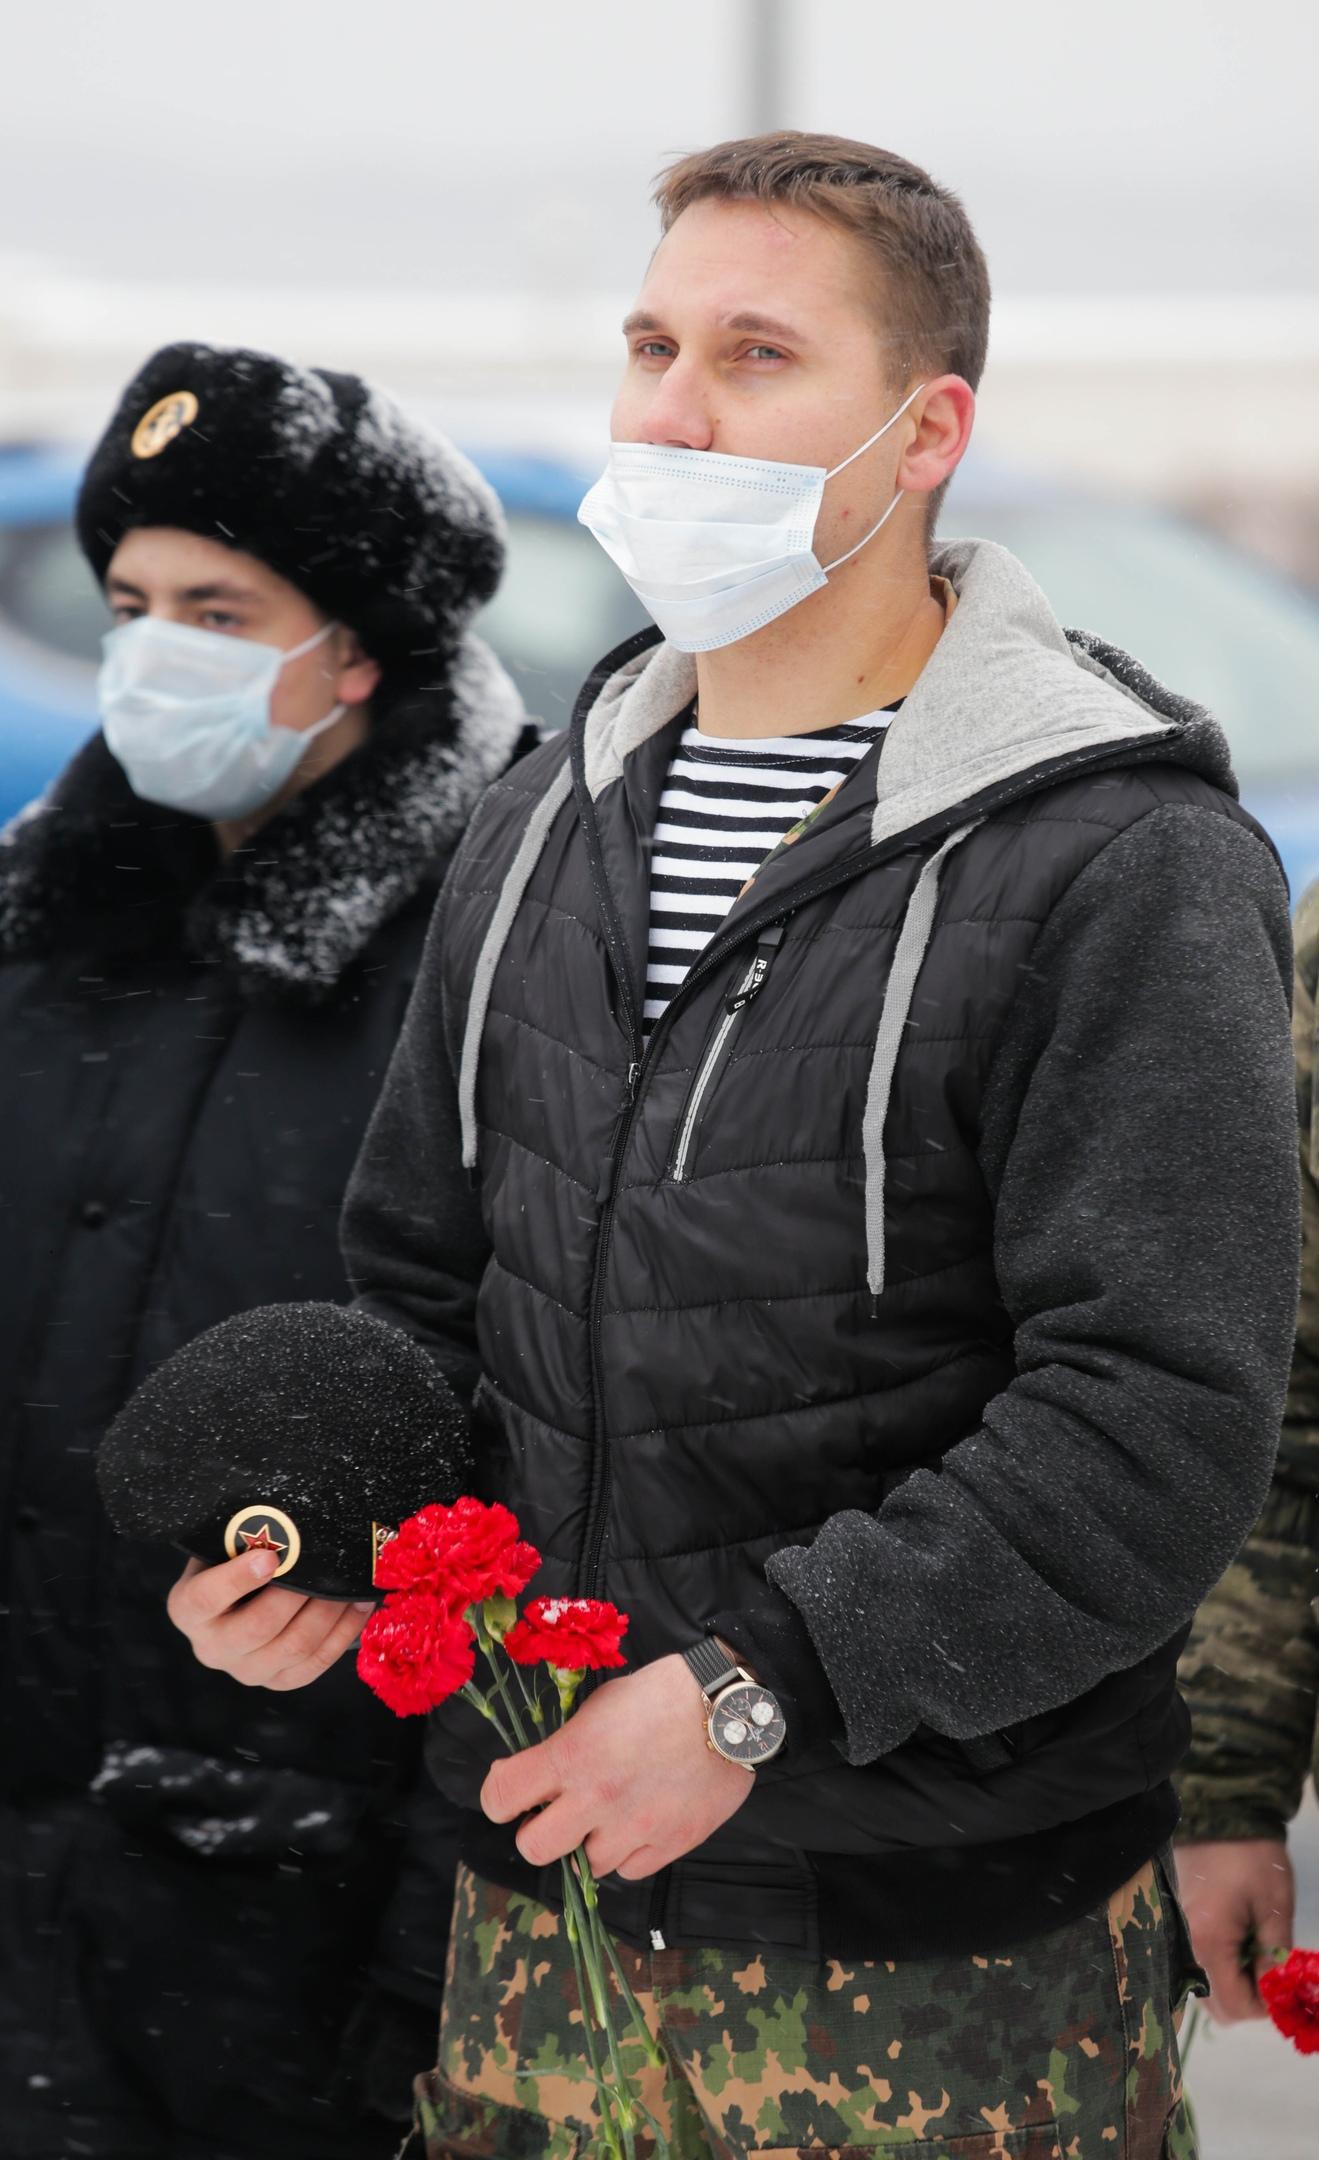 День морской пехоты отметили в Нижнем Новгороде, изображение №7